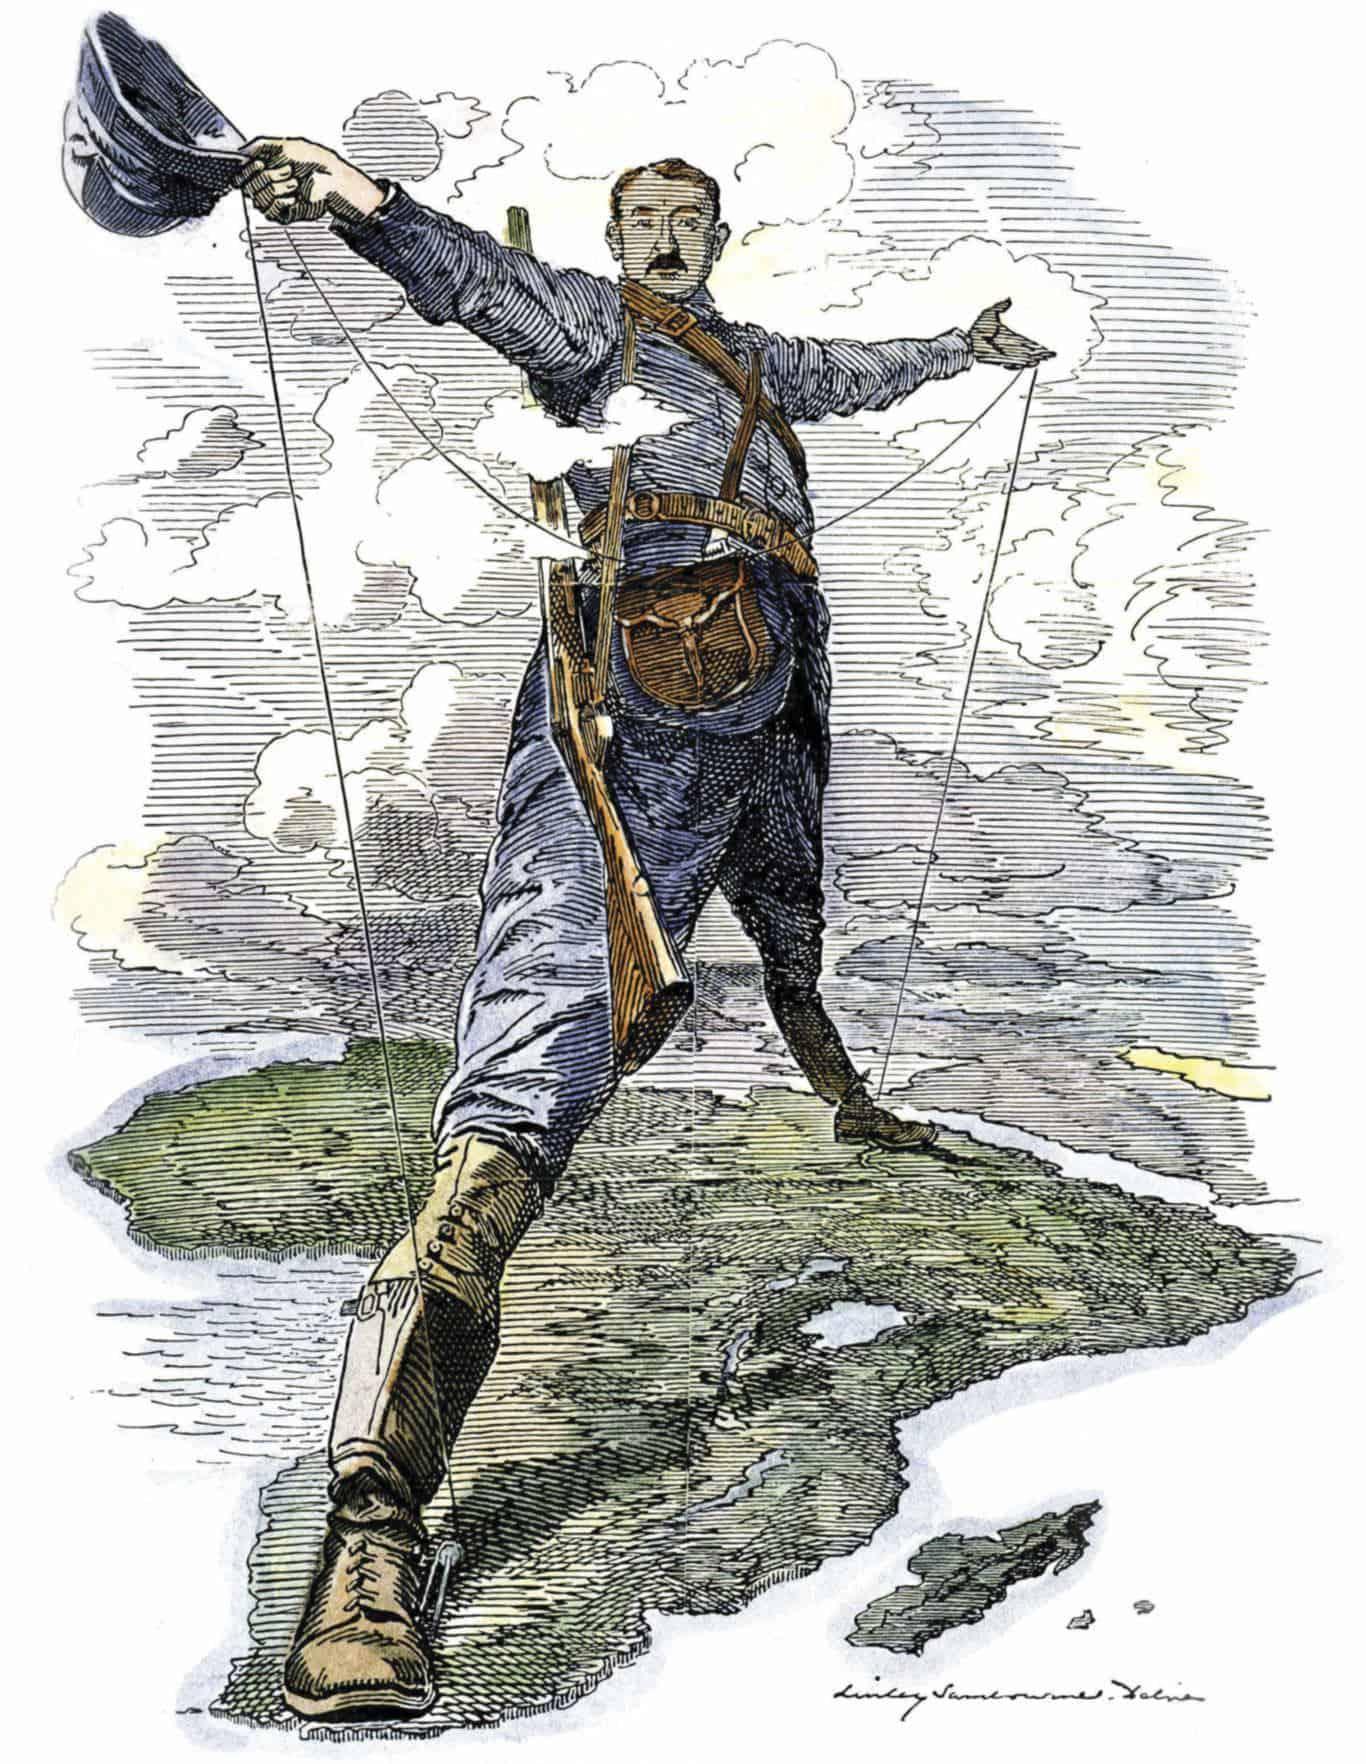 Зображення 1. Колос Родса. Карикатура в журналі Punch, 1892 рік. Джерело: wikipedia.org.